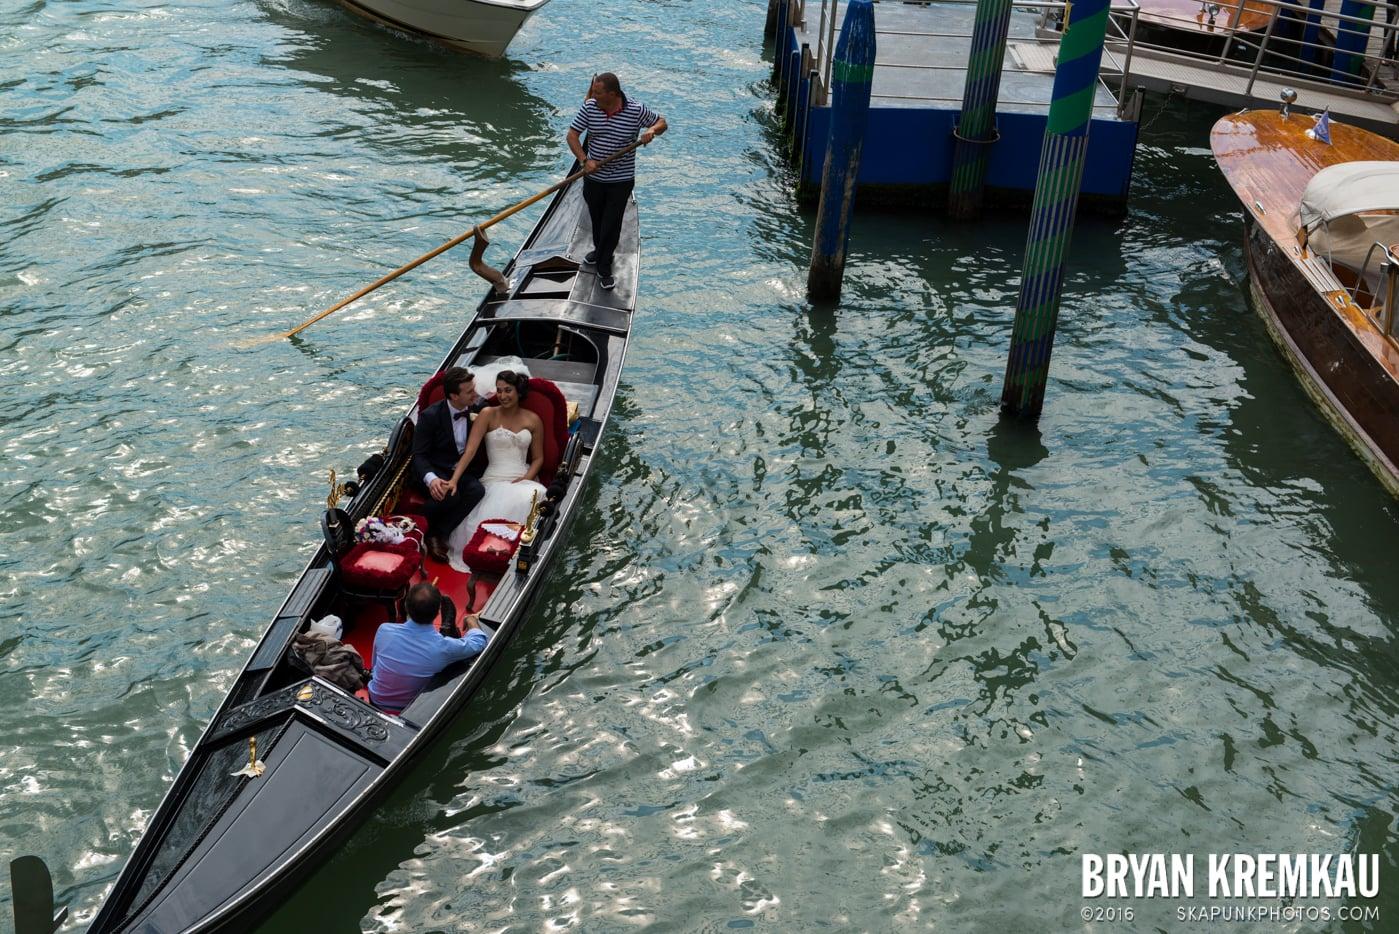 Italy Vacation - Day 5: Venice - 9.13.13 (42)